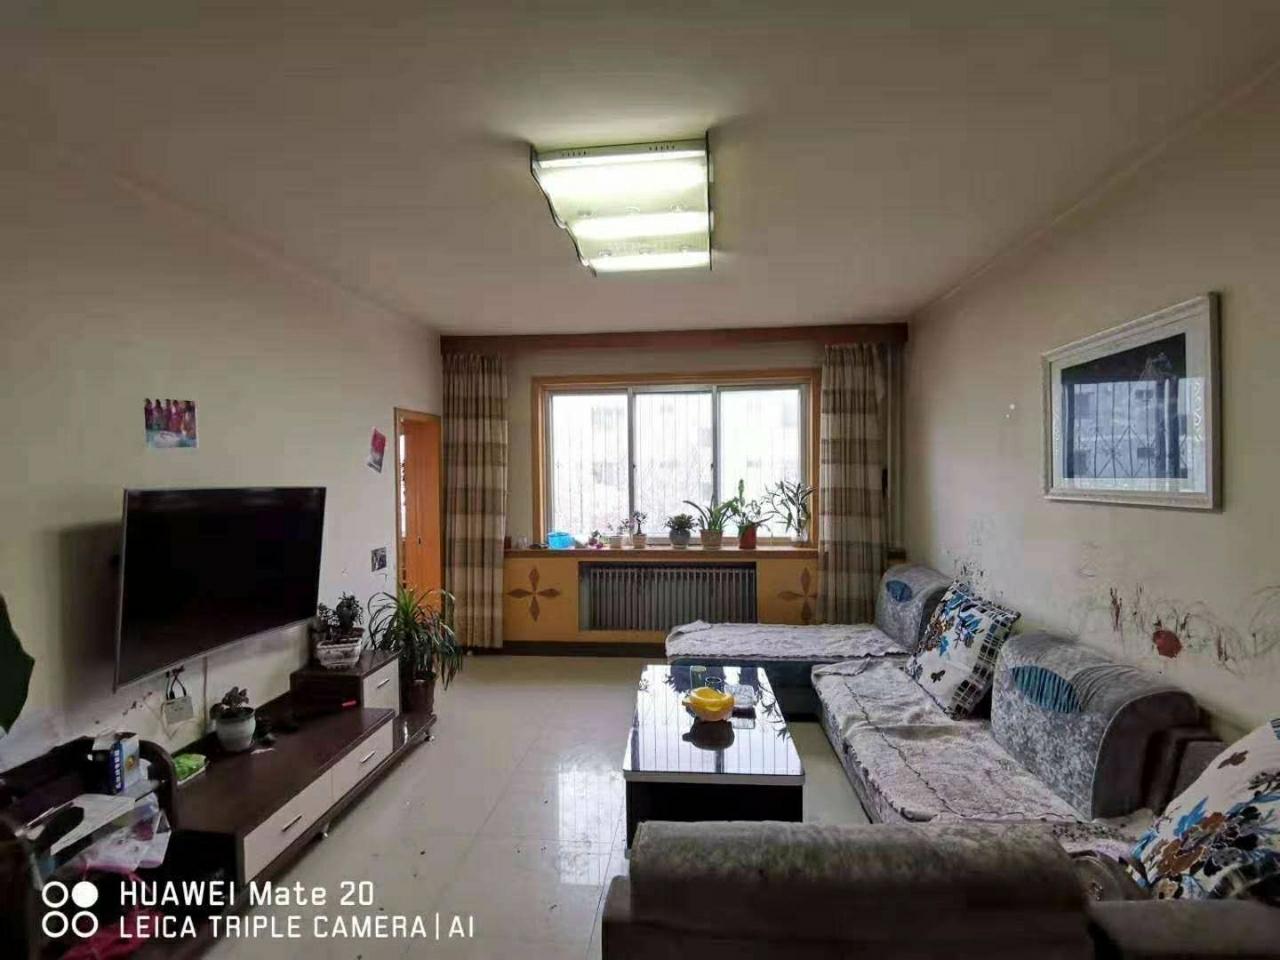 欣润房产-林苑小区2室 2厅 1卫35万元